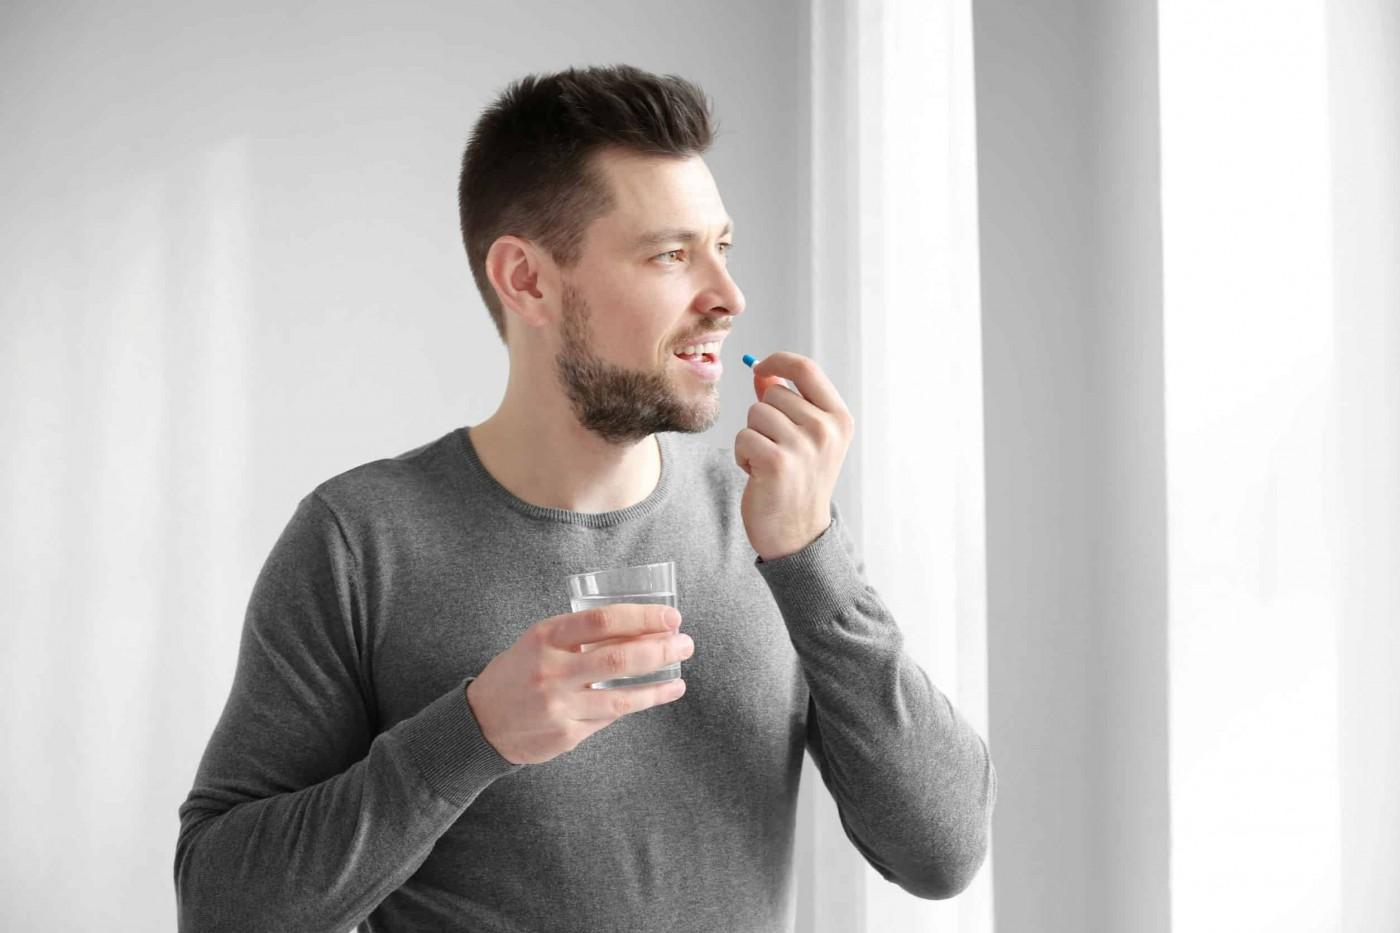 Дефицит витамина D у мужчин: как проявляется и чем восполнить?